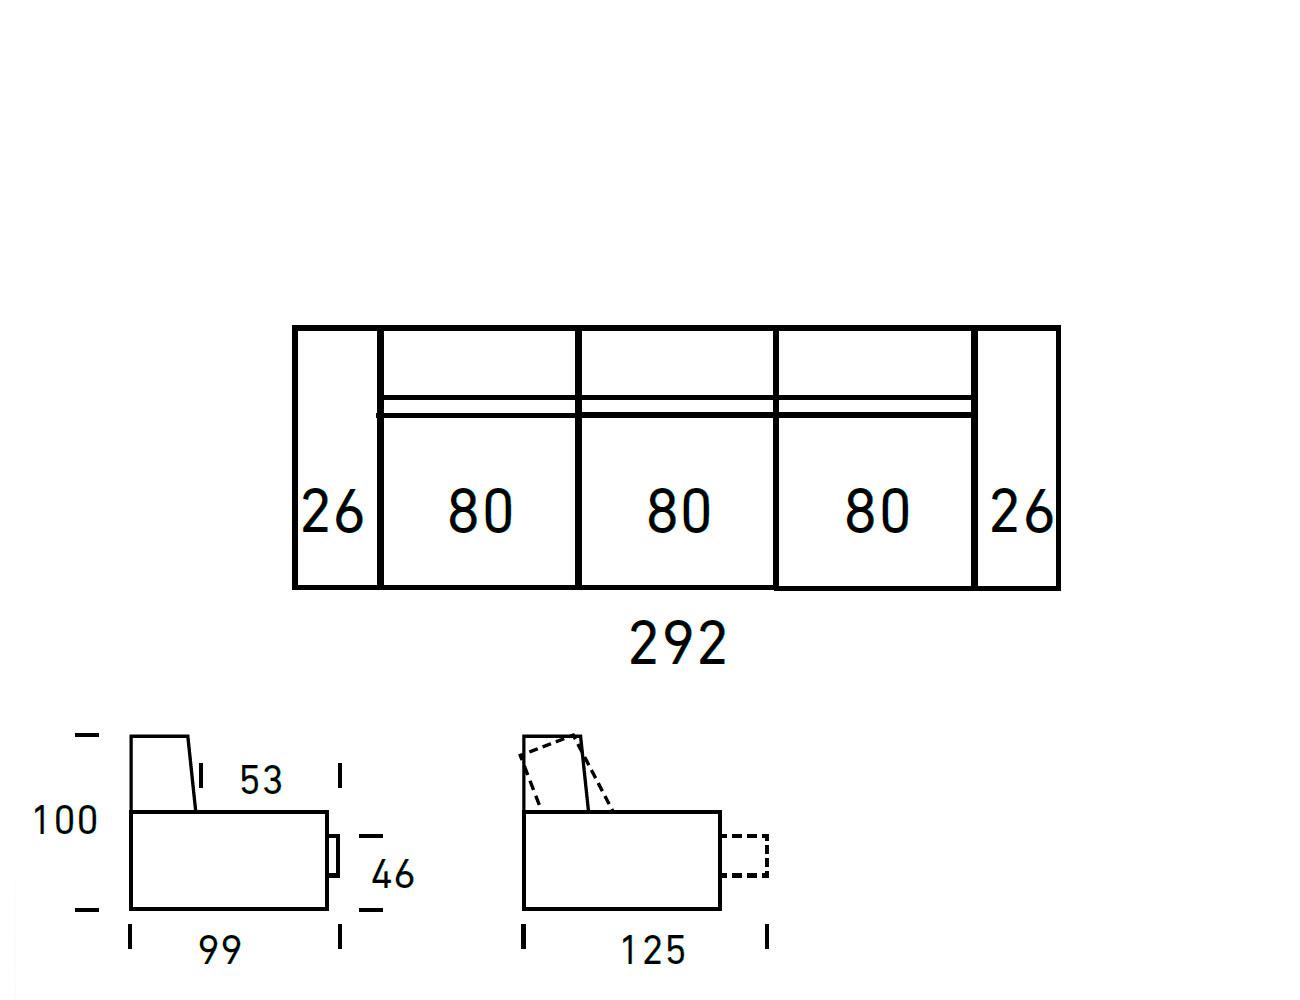 Croquis sofa 3 plazas 292